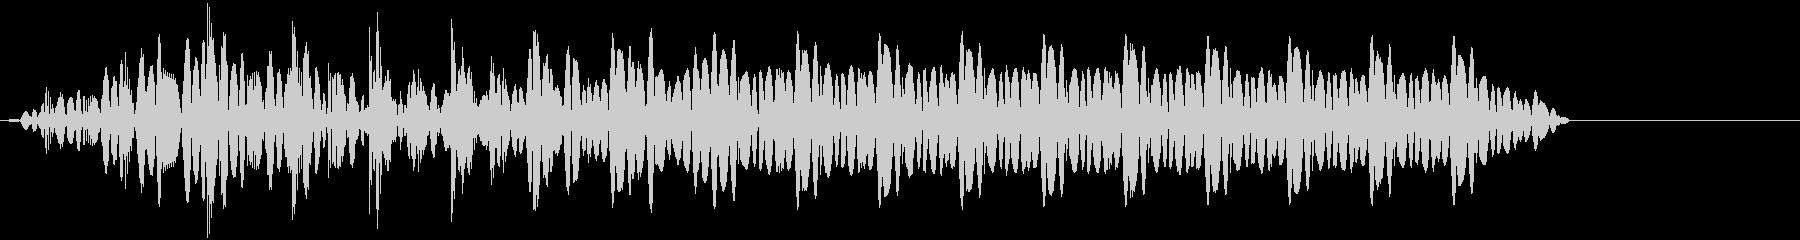 ビー!(超音波/レーザー/電子音/ブーの未再生の波形